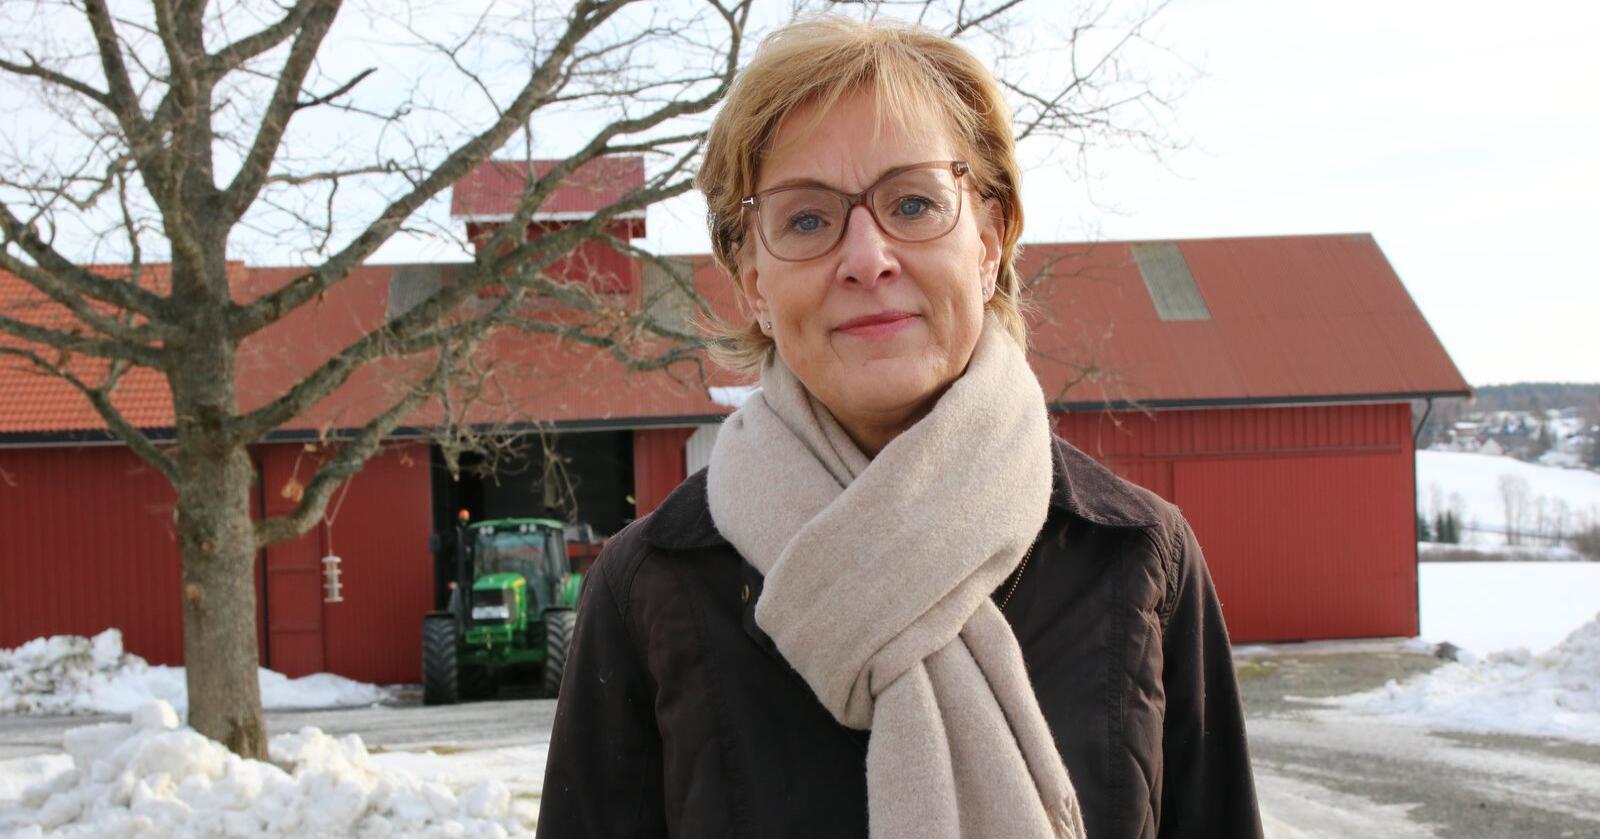 """–  Nå er det viktigere enn noen gang at det produseres mat i Norge, fastslår Bondelagets generalsekretær Sigrid Hjørnegård i denne ukas spesialutgave av """"Landbrukspodden"""". Foto: Karl Erik Berge"""